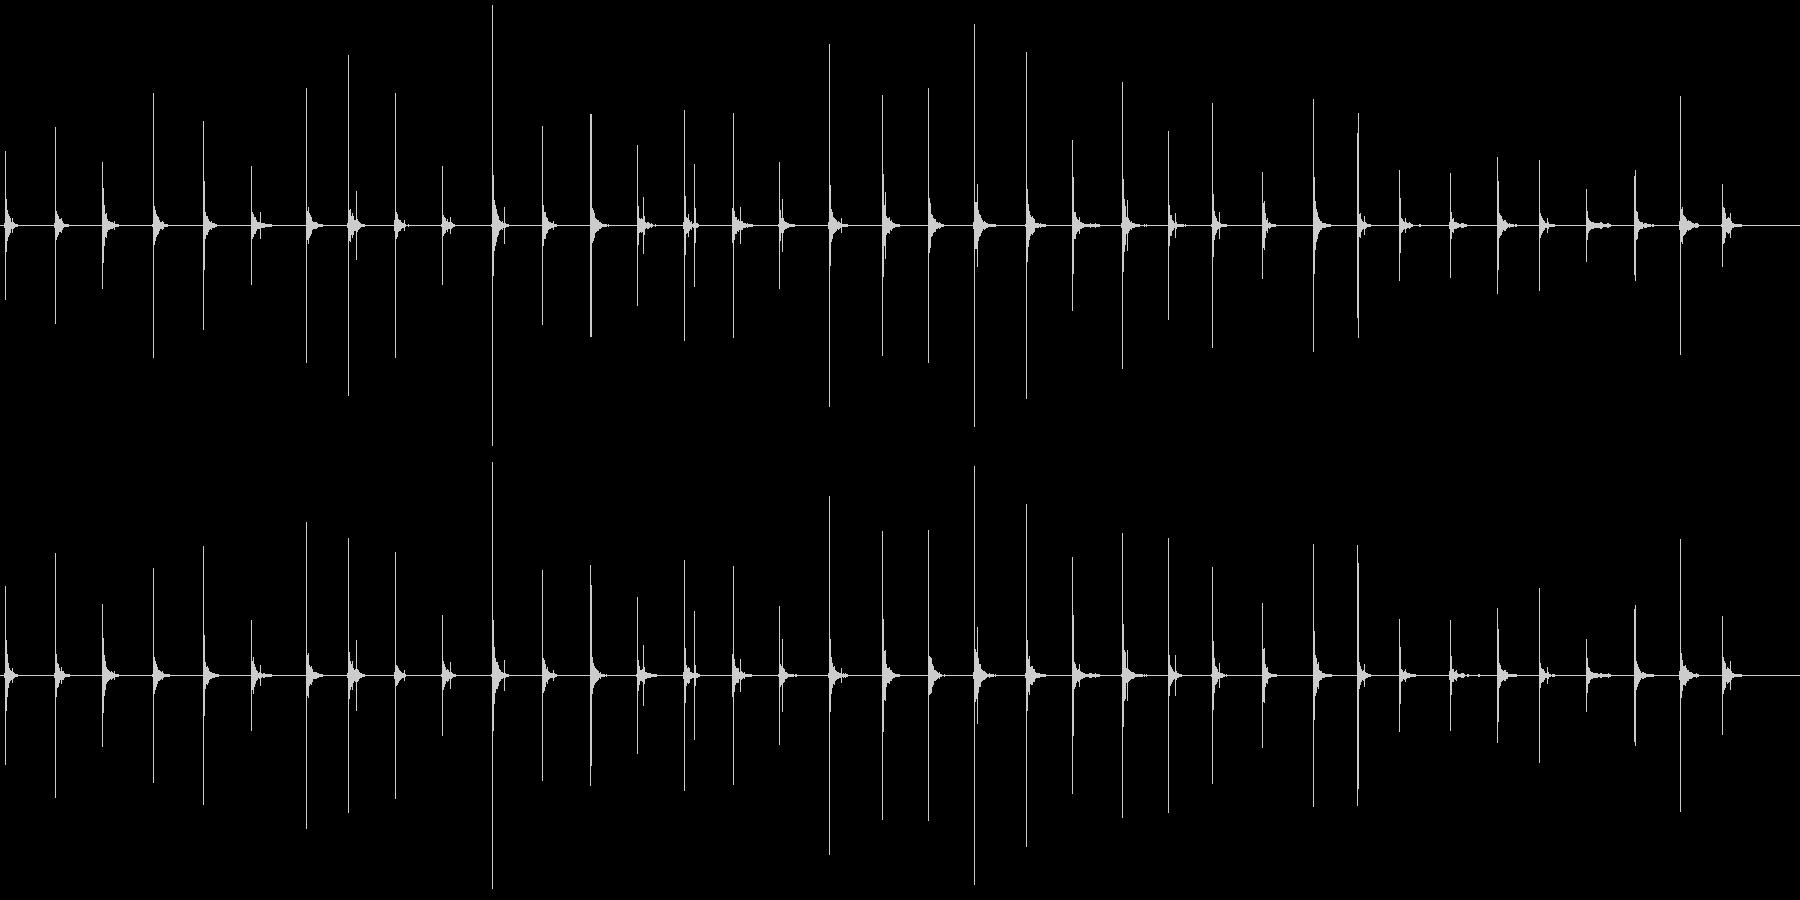 恐怖シリーズ8.ハイヒールで歩く音の未再生の波形